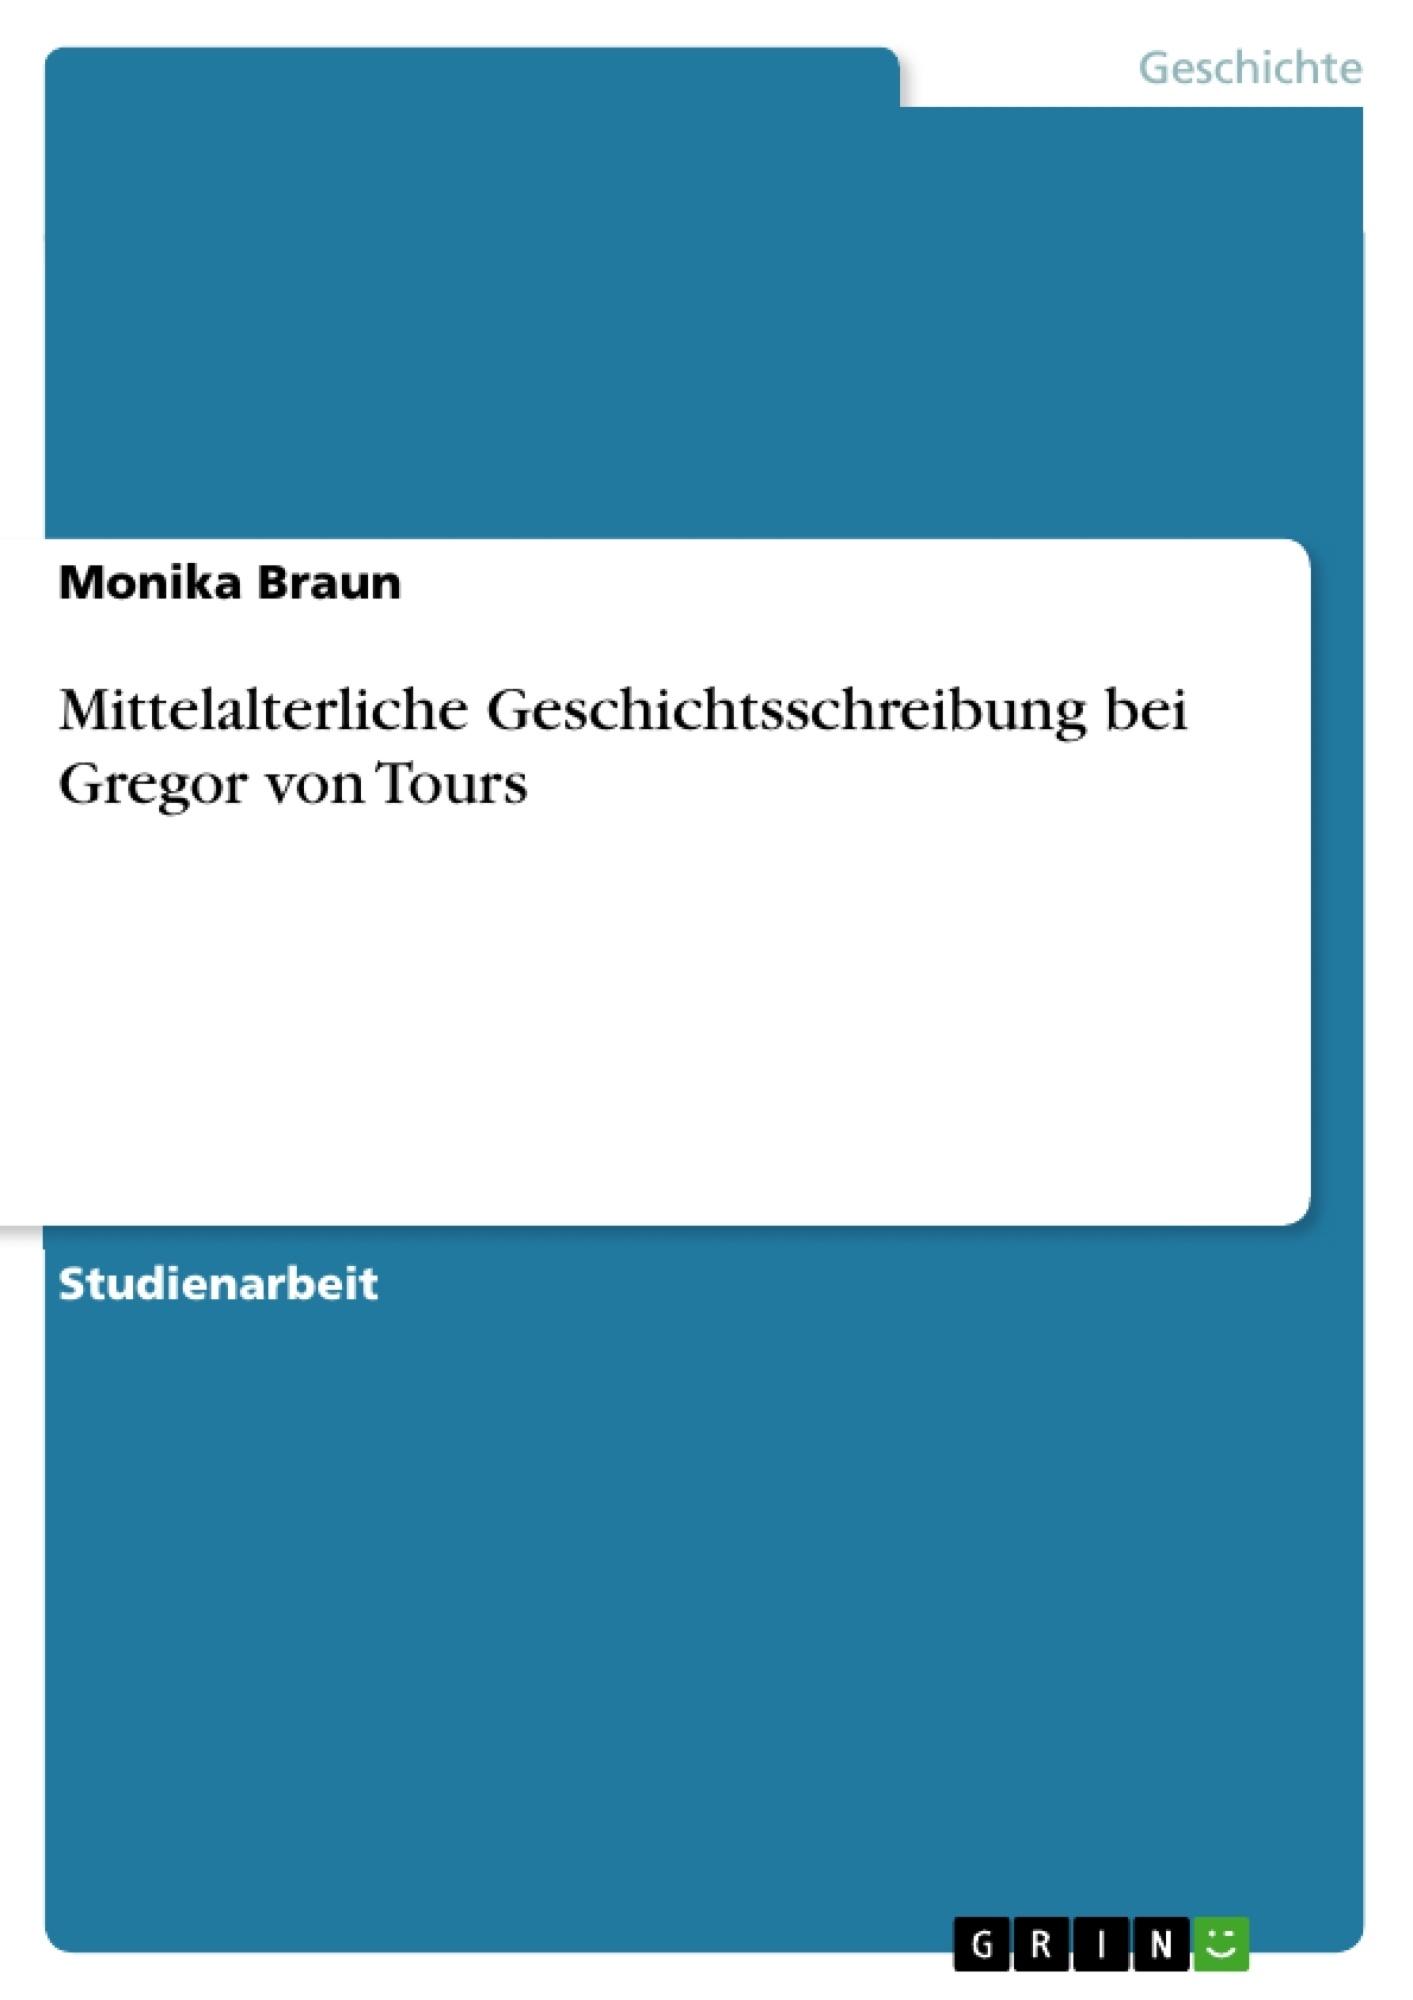 Titel: Mittelalterliche Geschichtsschreibung bei Gregor von Tours